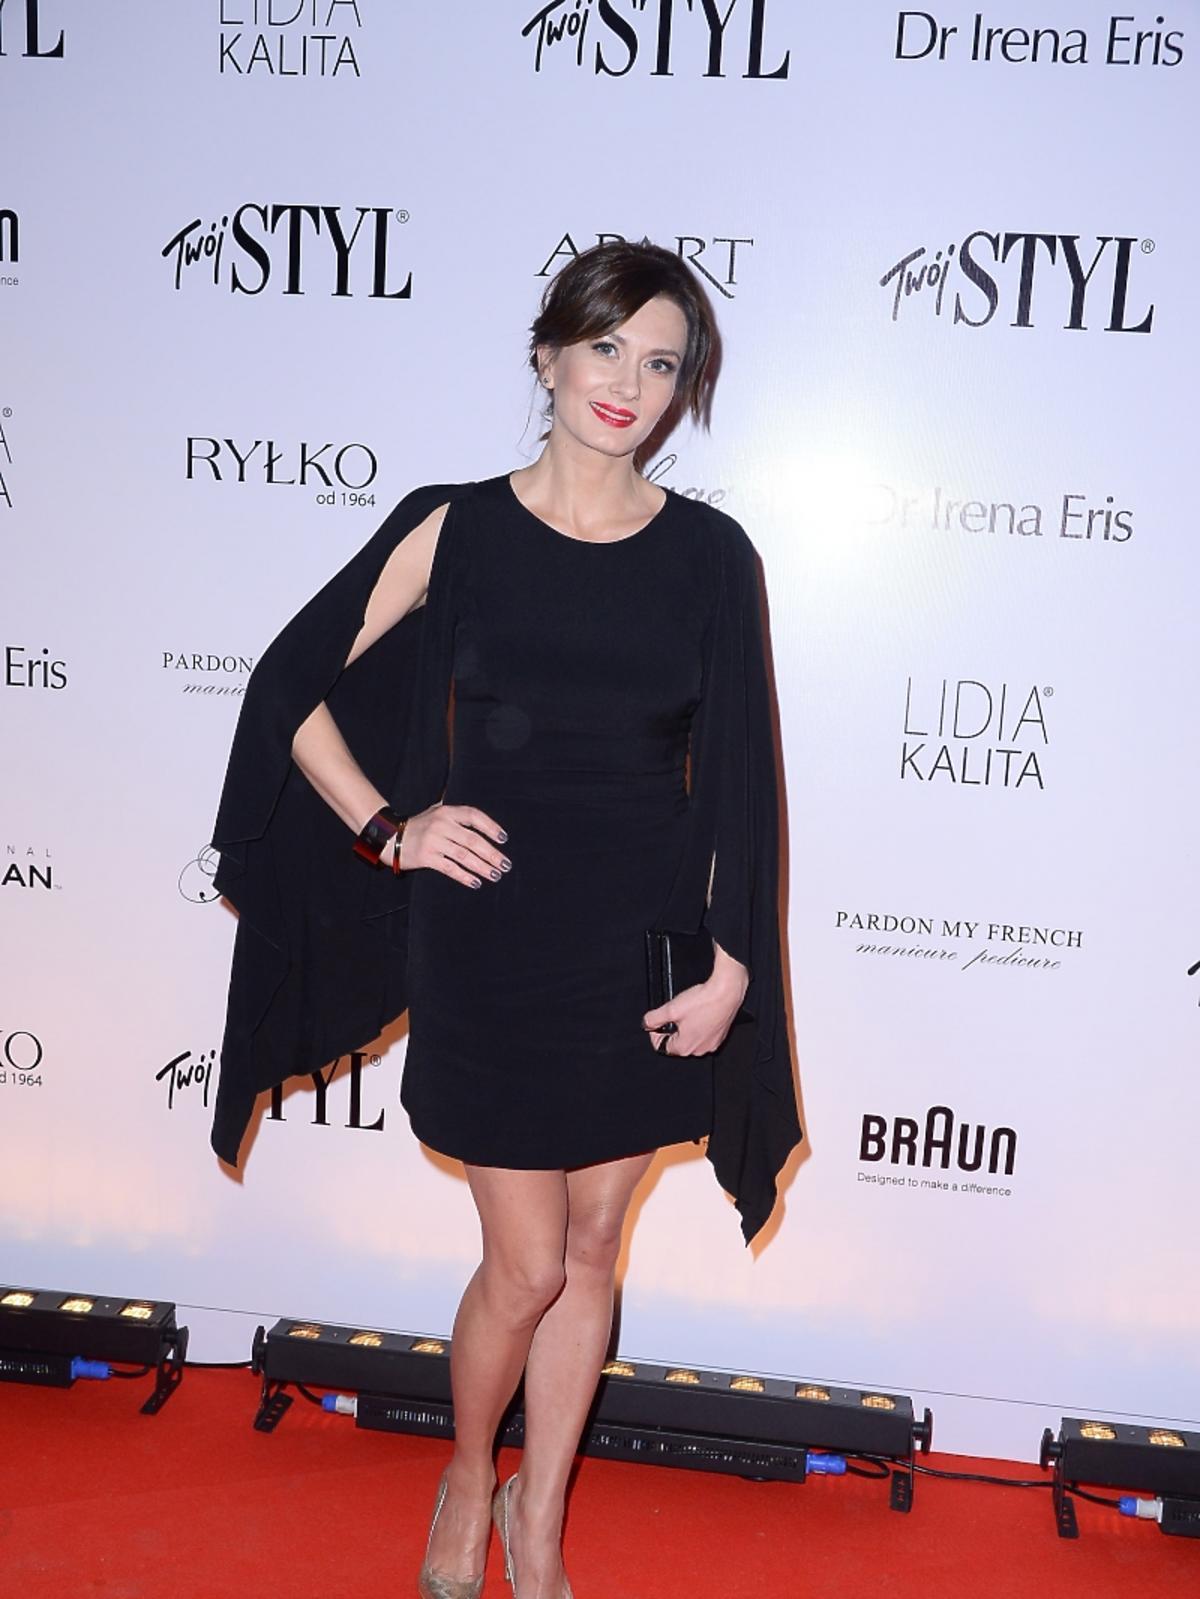 Anita Sokołowska na imprezie Doskonałość Mody Twojego Stylu